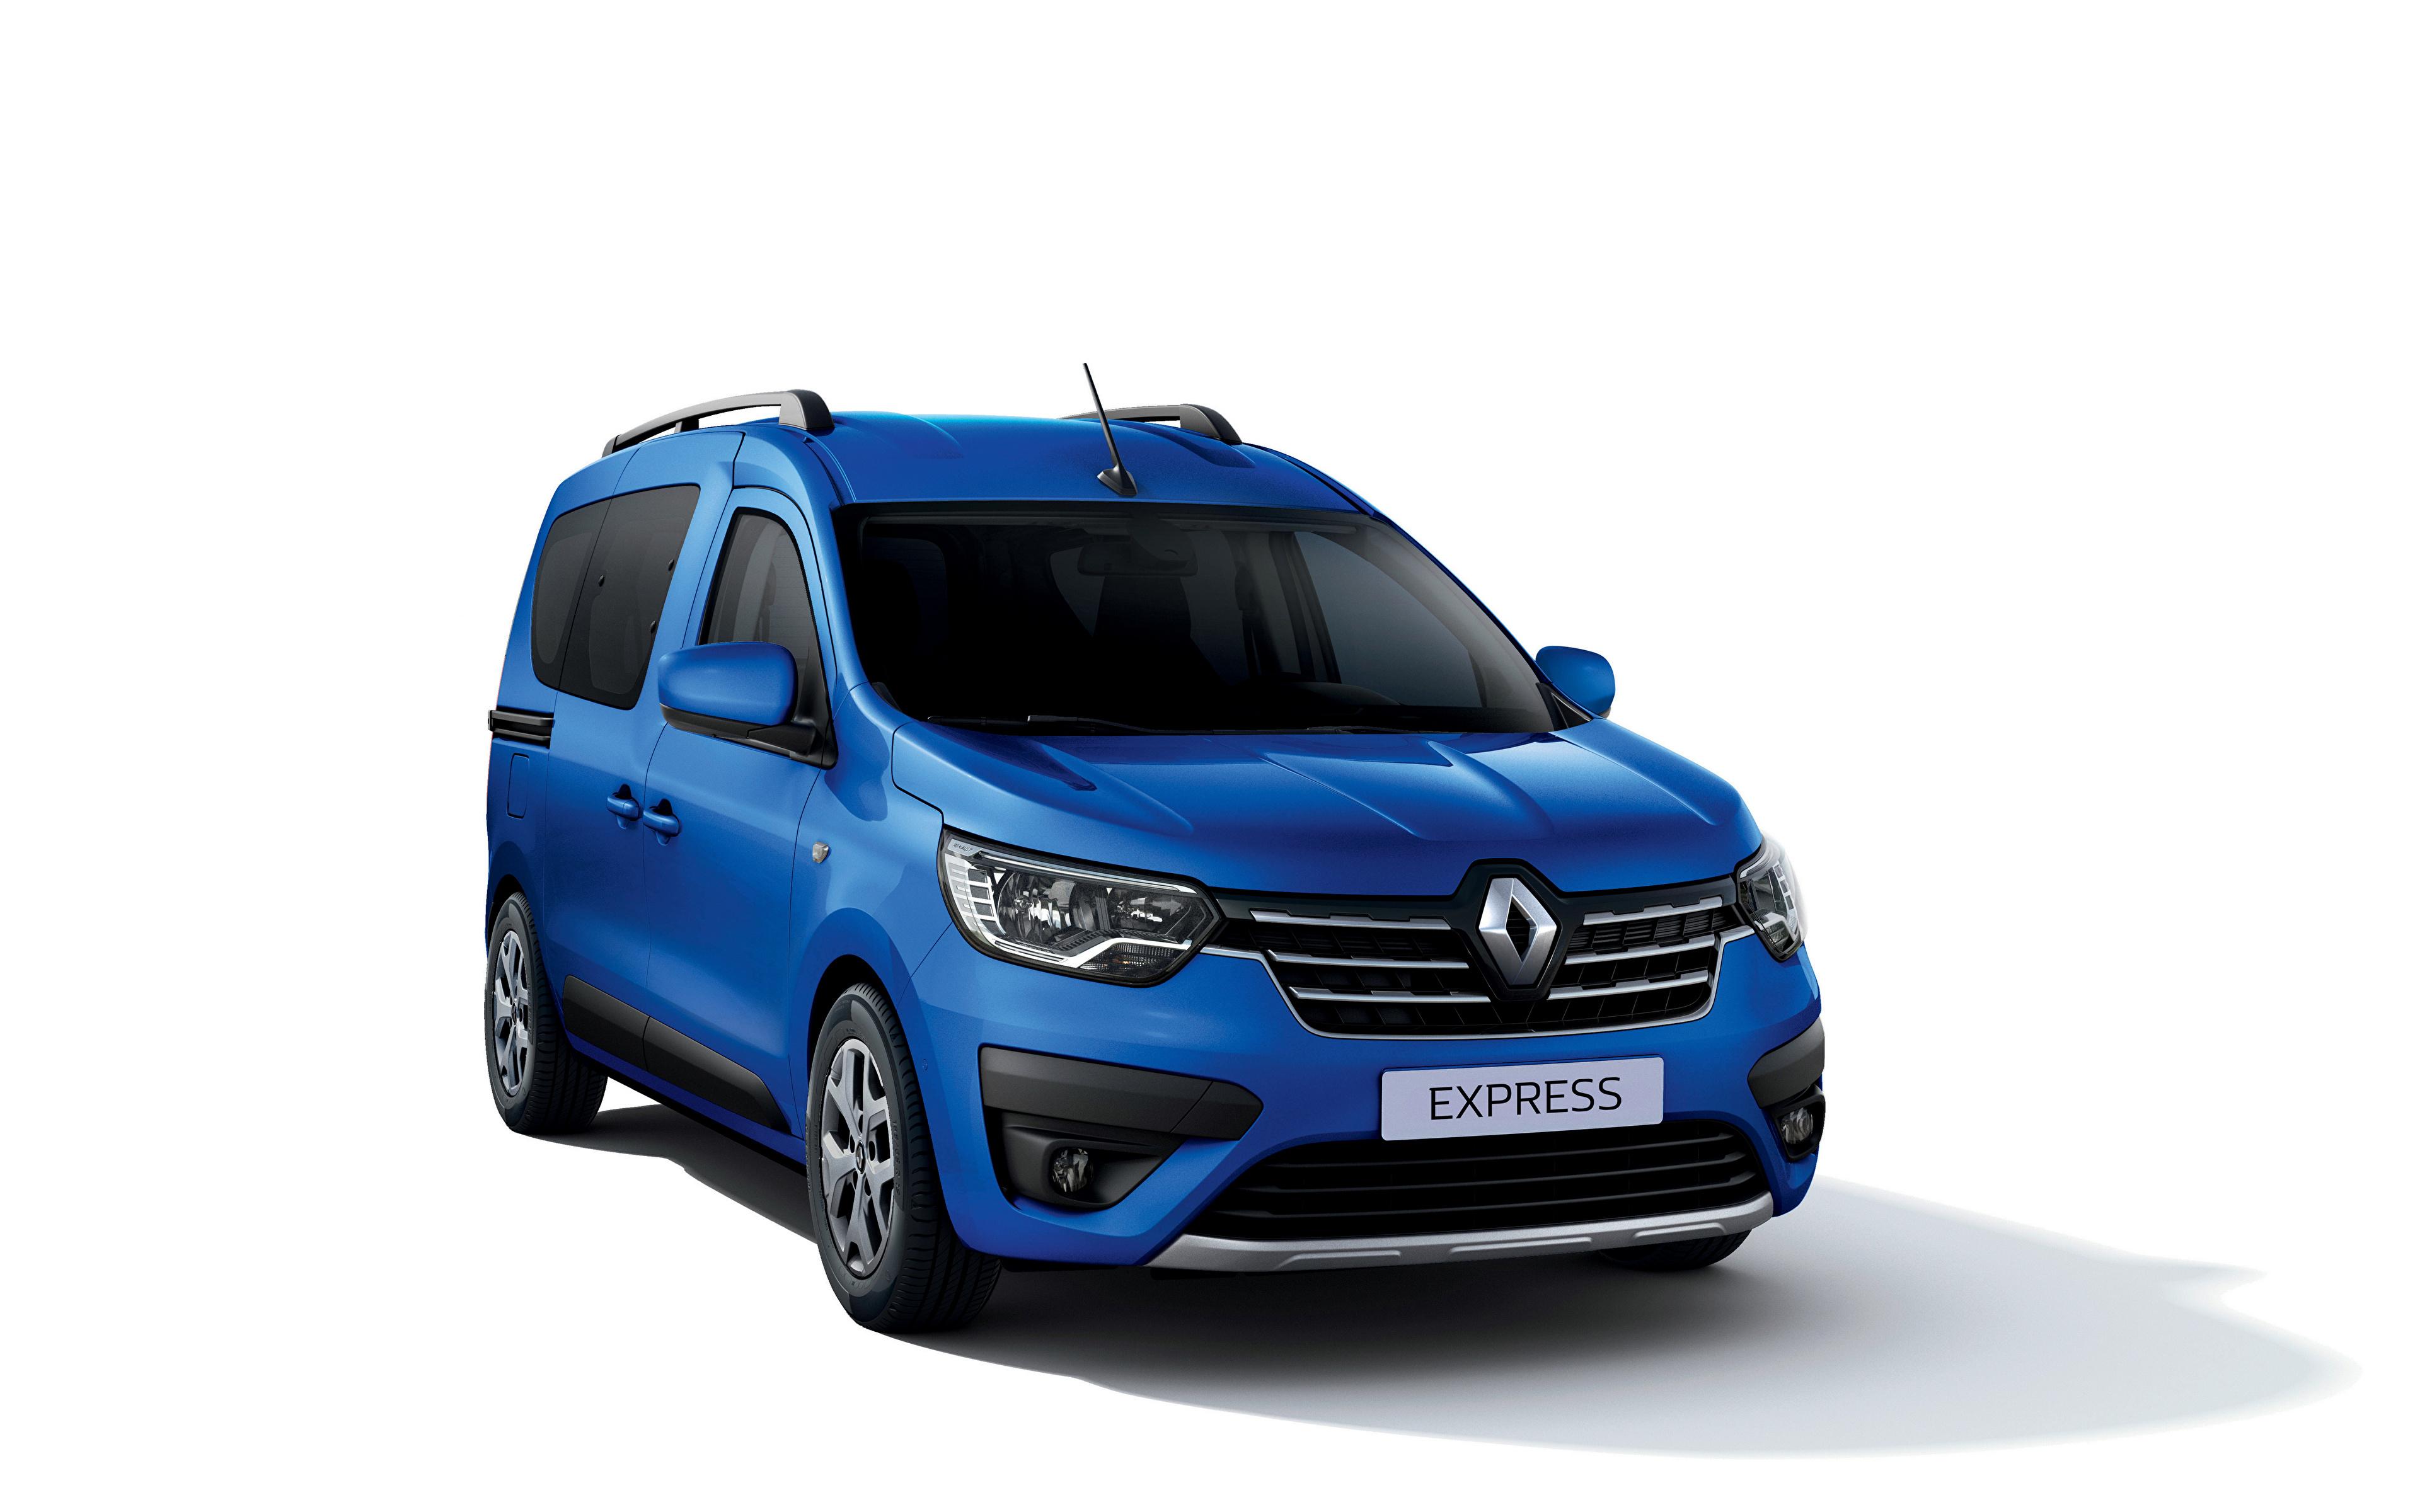 Desktop Hintergrundbilder Renault Express, 2021 Ein Van Blau automobil Metallisch Weißer hintergrund 3840x2400 auto Autos